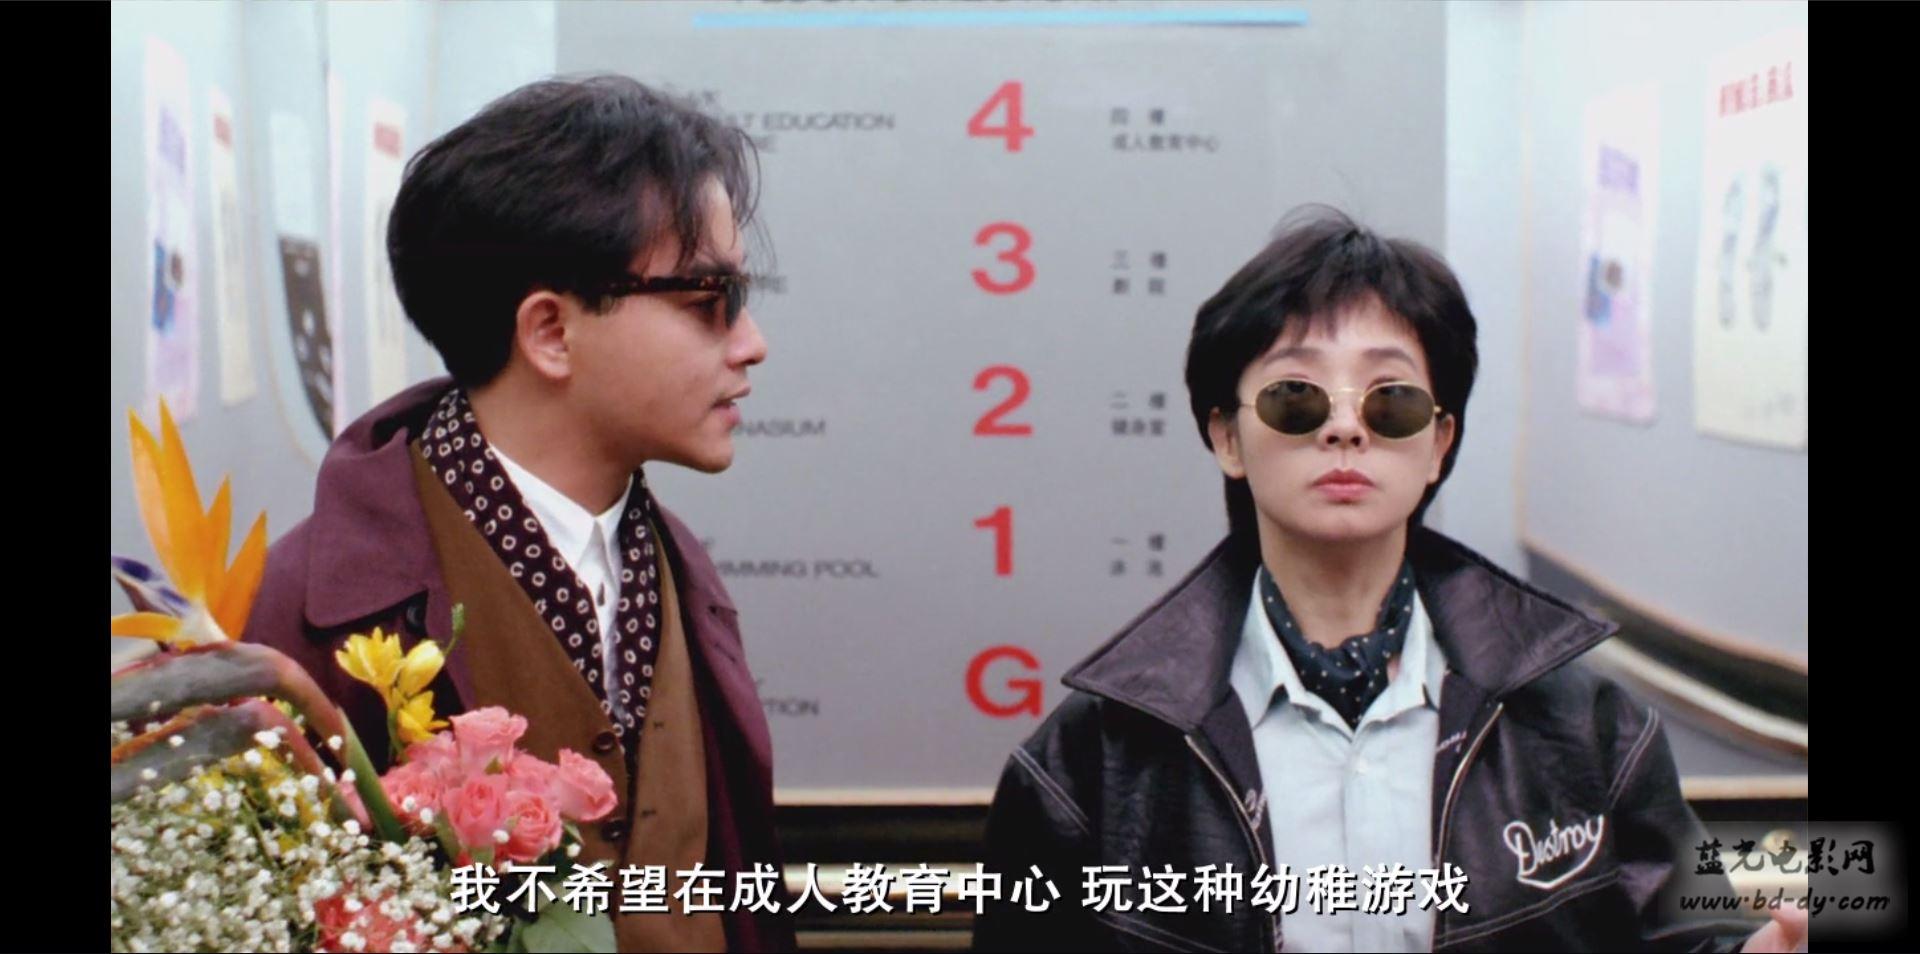 《家有喜事》1992高分喜劇愛情.修復加長版.BD720P.國粵雙語.高清中字在線觀看,免費下載,嗶嘀影視